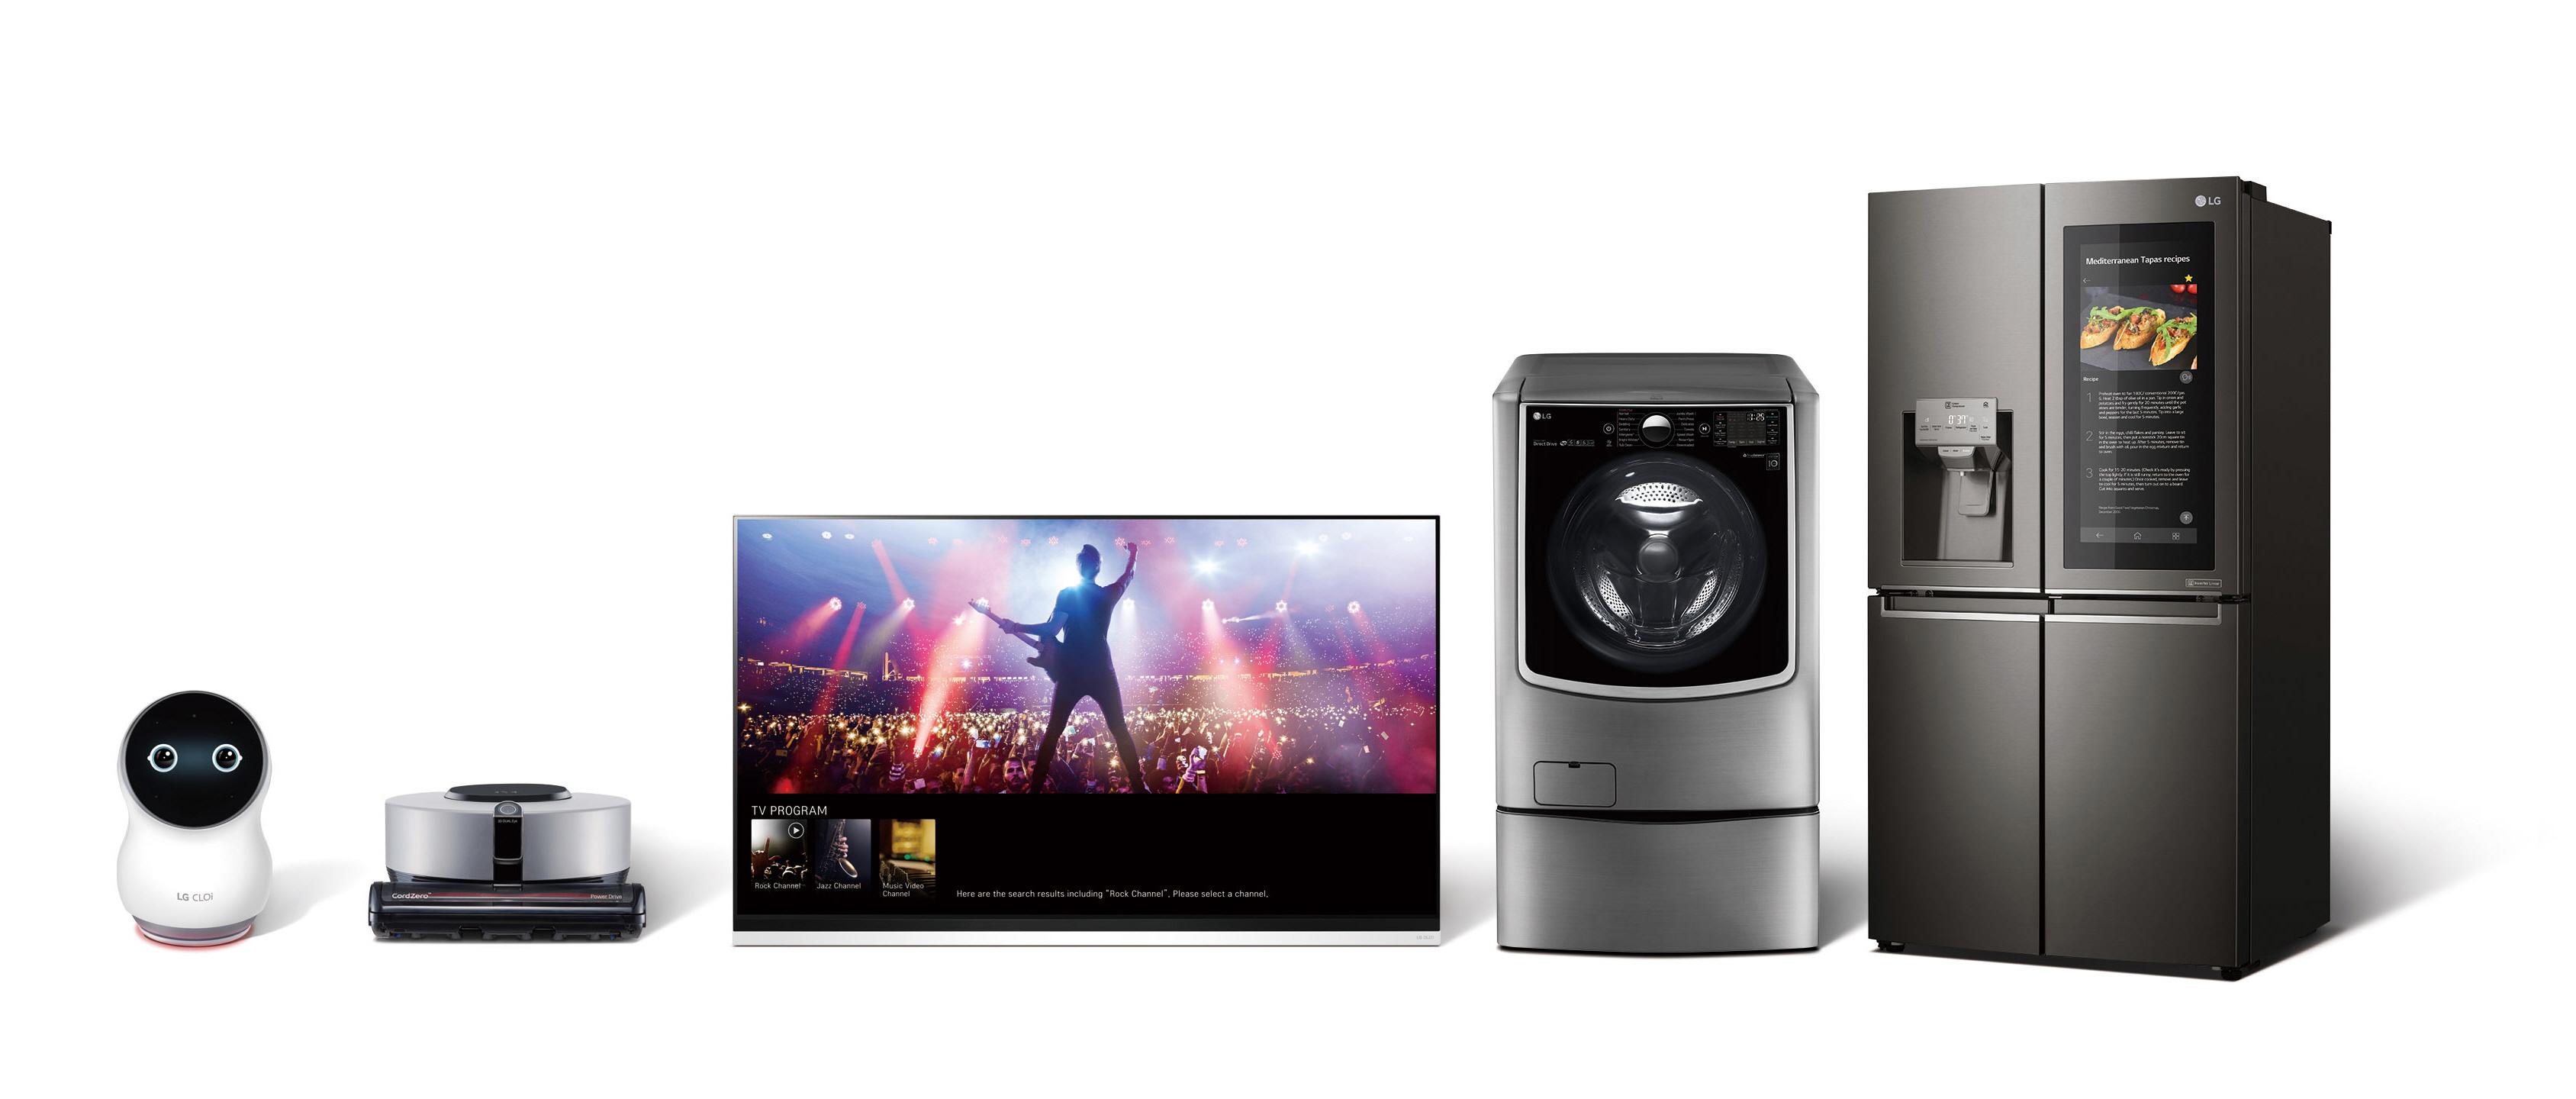 G전자가 새로워진 인공지능 'LG 씽큐(LG ThinQ)'를 통해 그 동안 경험하지 못했던 기대 이상의 인공지능을 보여주며 고객들의 삶의 질을 한층 높인다. LG전자는 내달 8일 개막하는 CES 2019에서 「LG 씽큐 AI 존」을 대거 구성해 새로워진 LG 씽큐를 선보일 예정이다. 사진은 LG 씽큐 제품 라인업